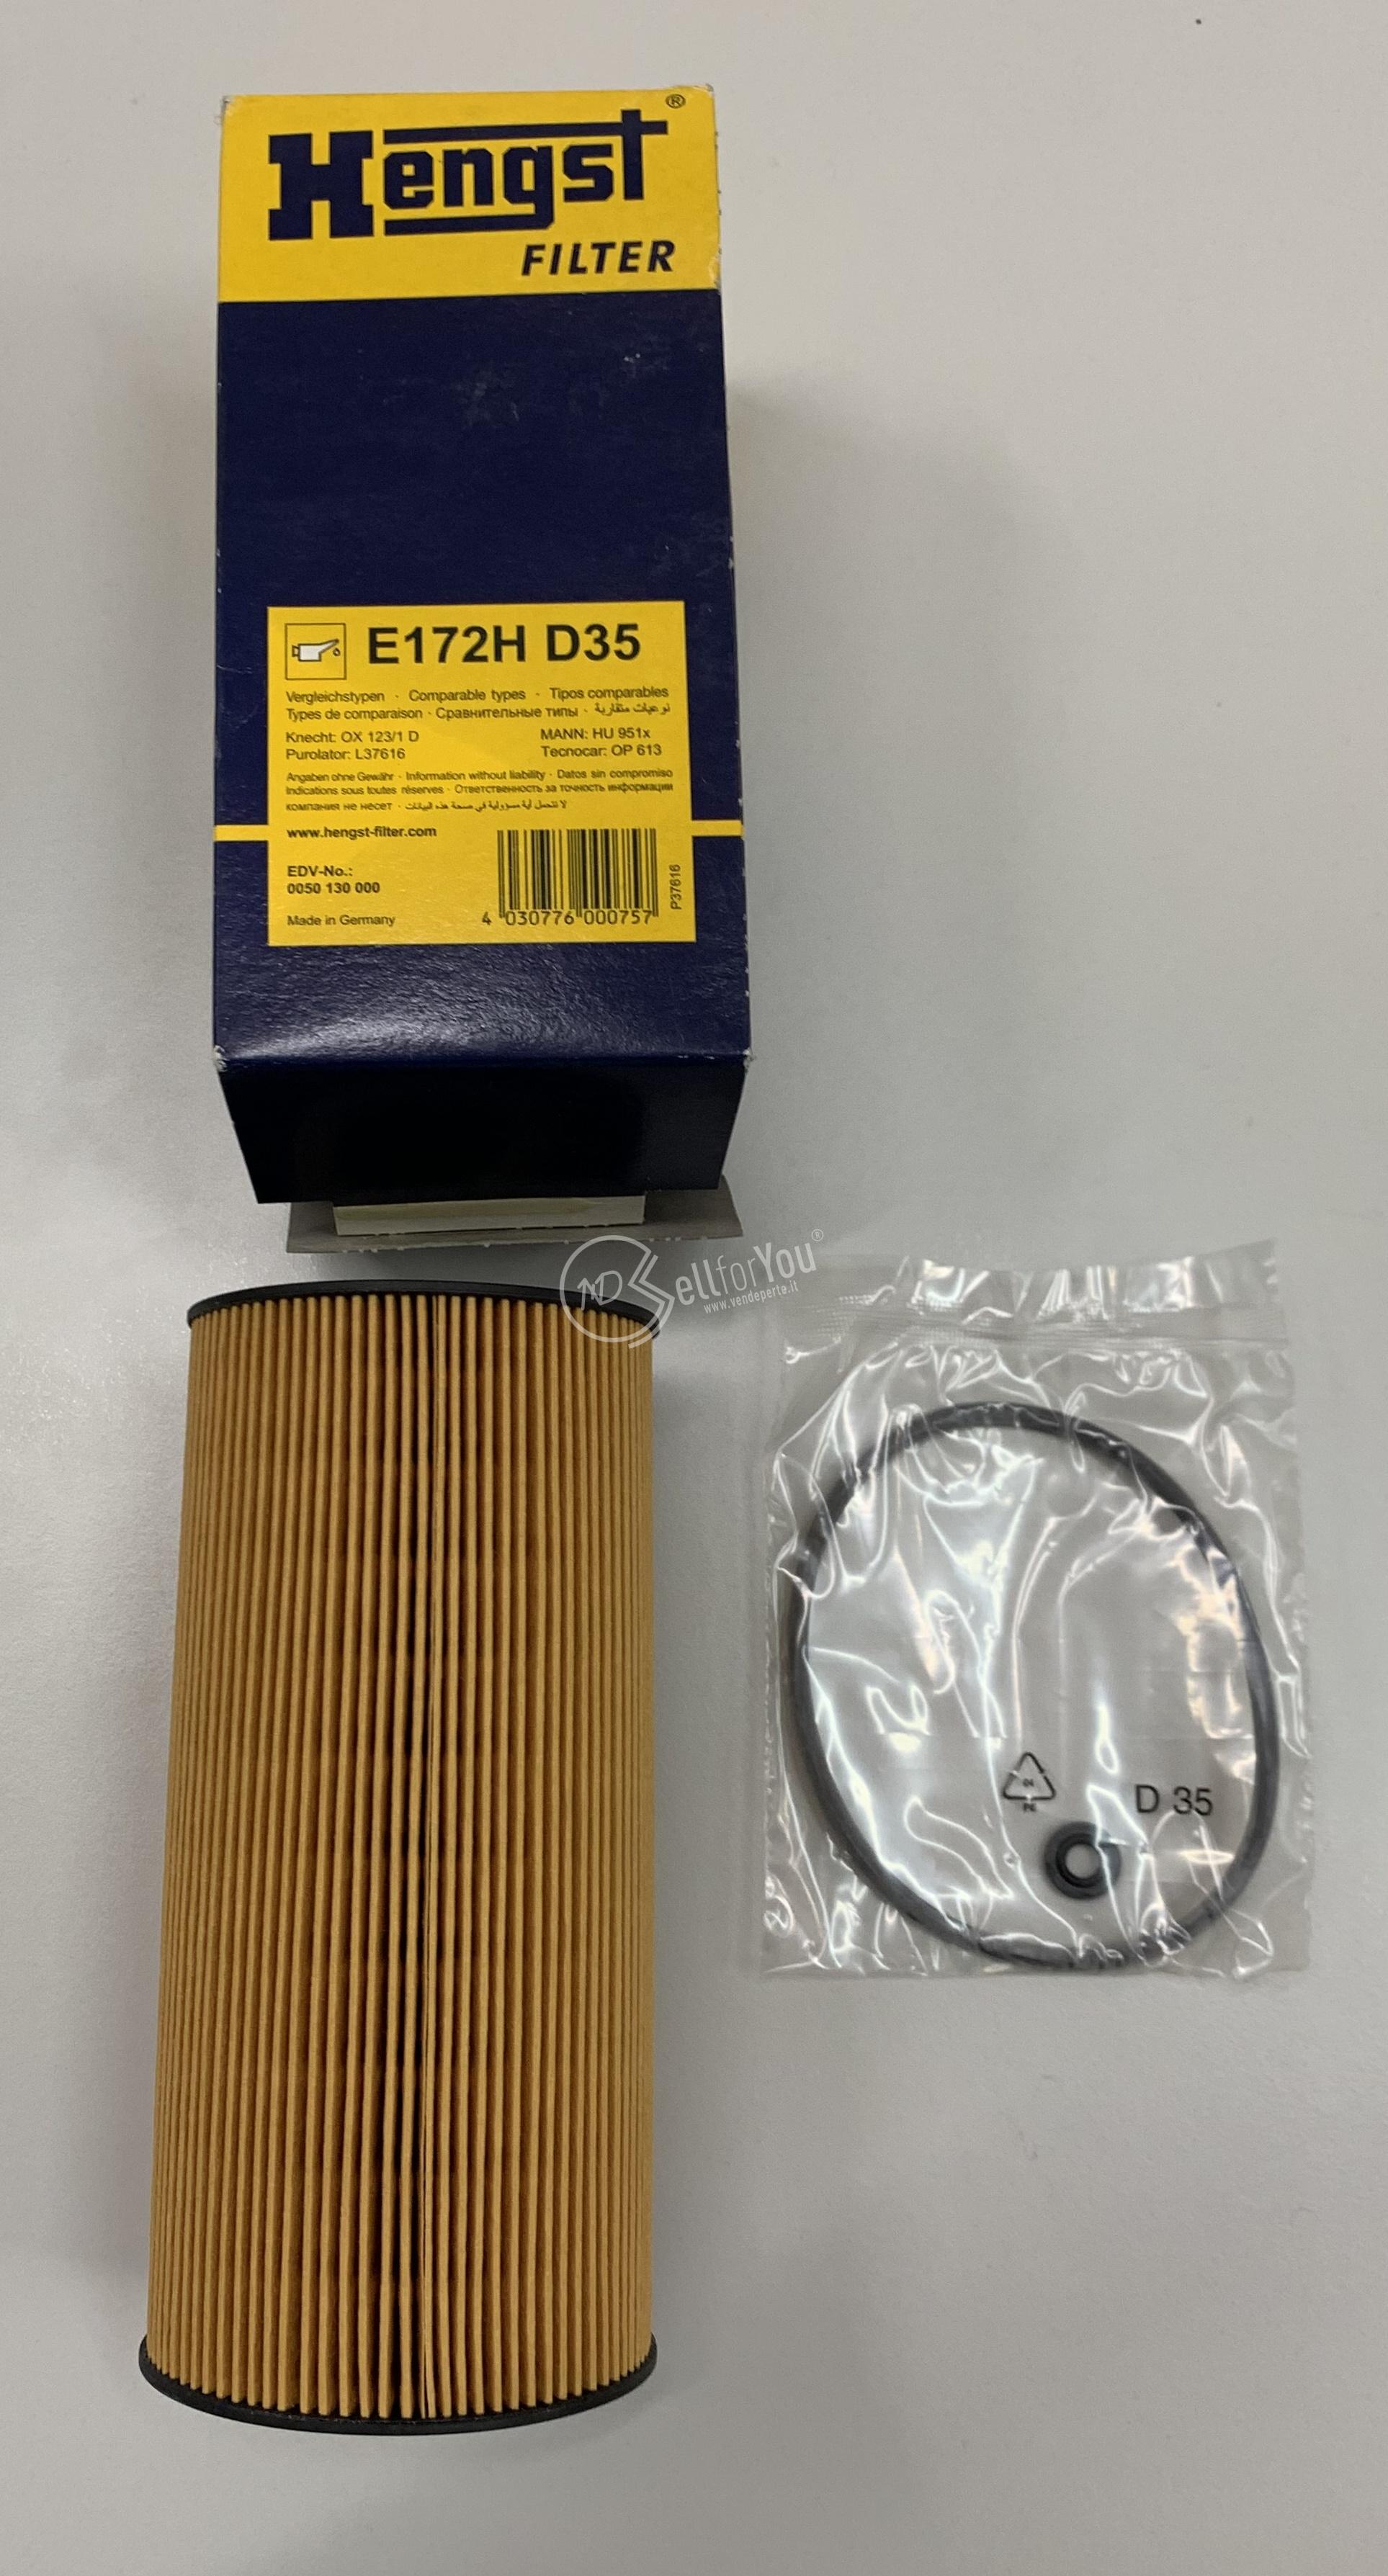 sellforyou immagine default articolo correlato non trovatoFiltro olio Hengst E172H D35 made in Germany P37616